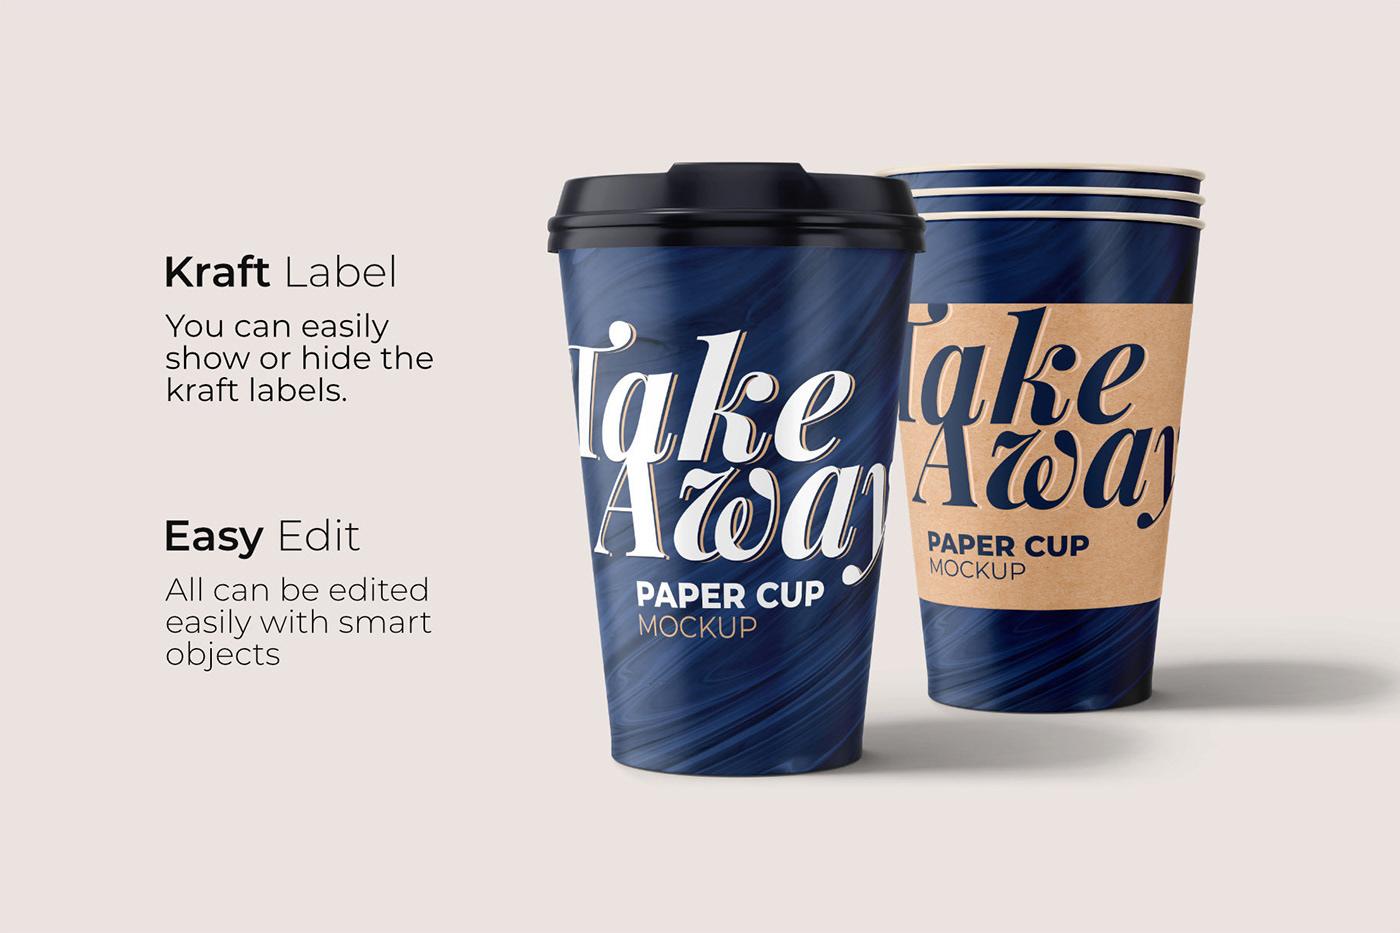 15款一次性外卖咖啡纸杯设计展示贴图样机模板 Take Away Paper Cup Mockup插图3